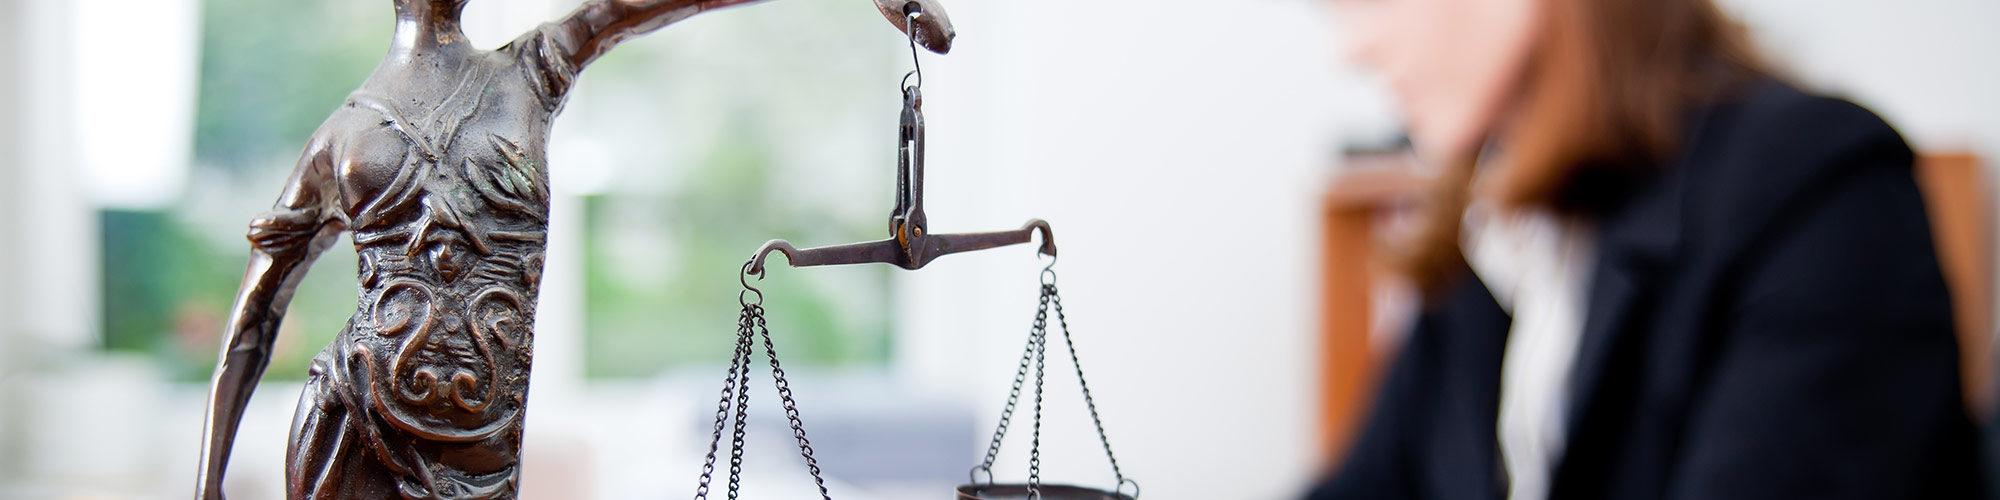 Виндикационный иск в гражданском праве